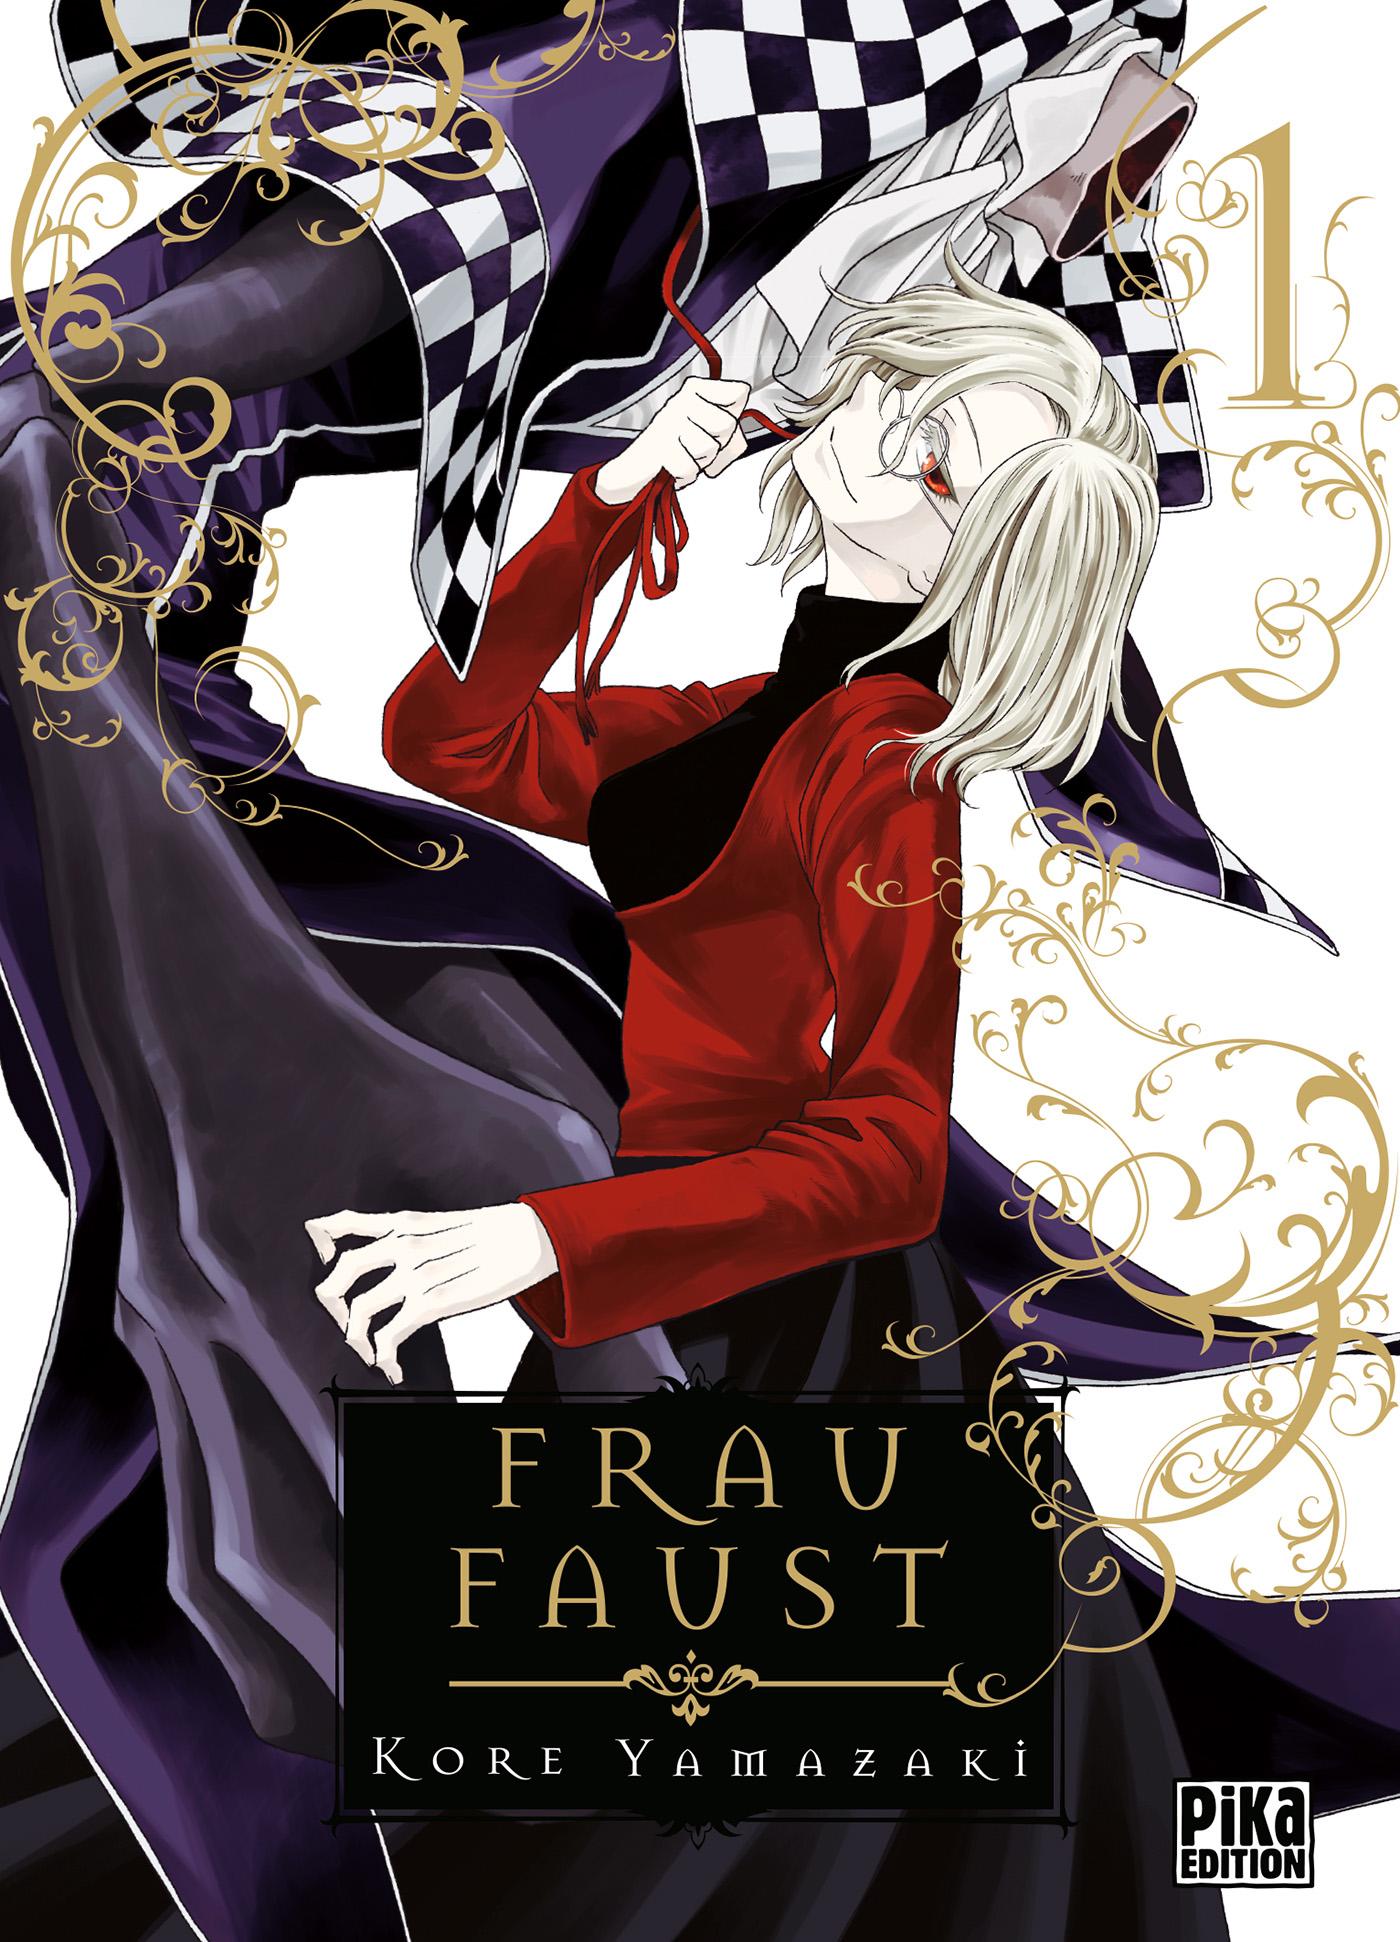 Frau Faust chez Pika